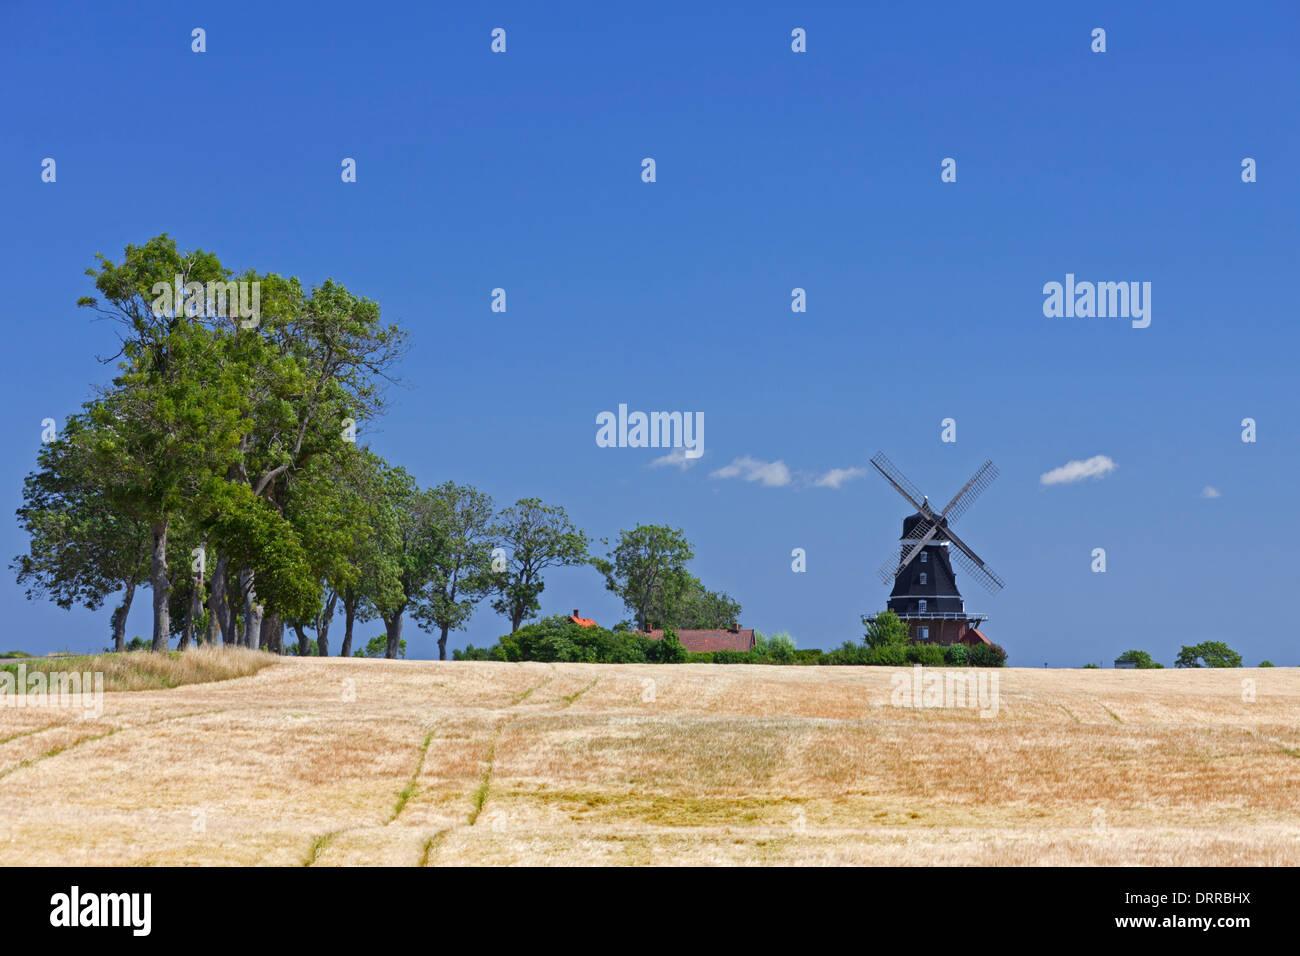 Traditional windmill in wheat field, Krageholm, Skåne / Scania, Sweden, Scandinavia - Stock Image